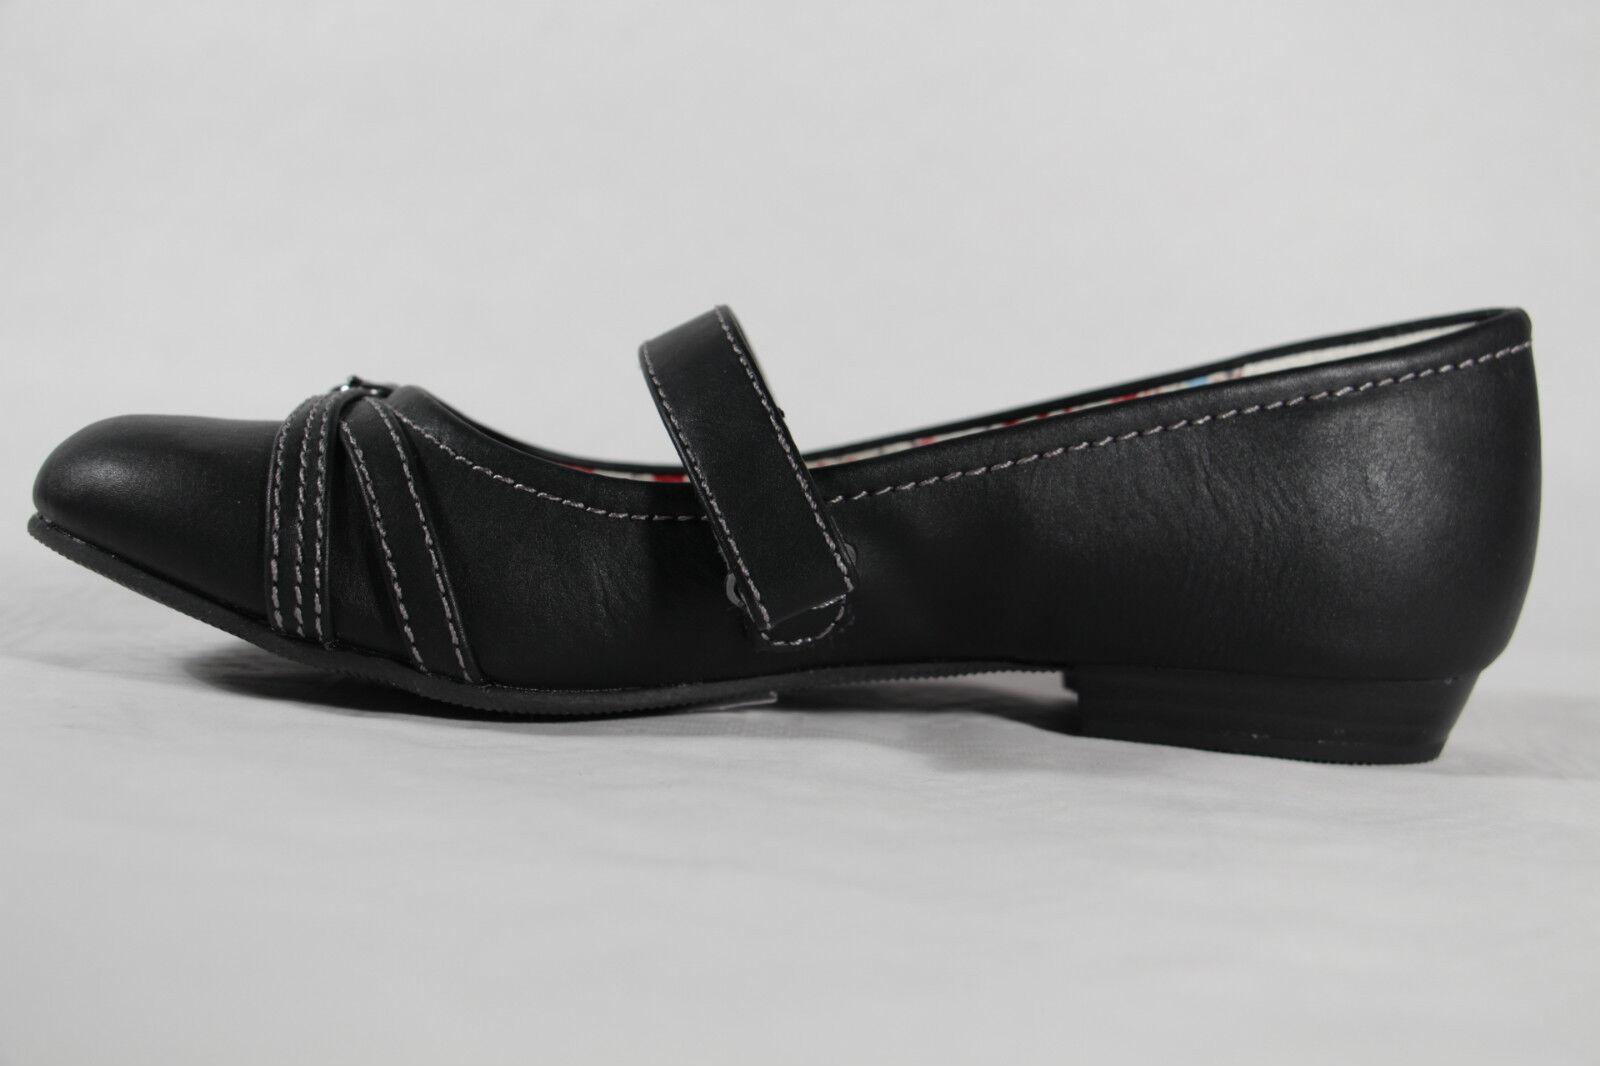 Tiempo limitado especial s. Oliver Zapatillas de Bailarina Negro Suela Interior de cuero NUEVO